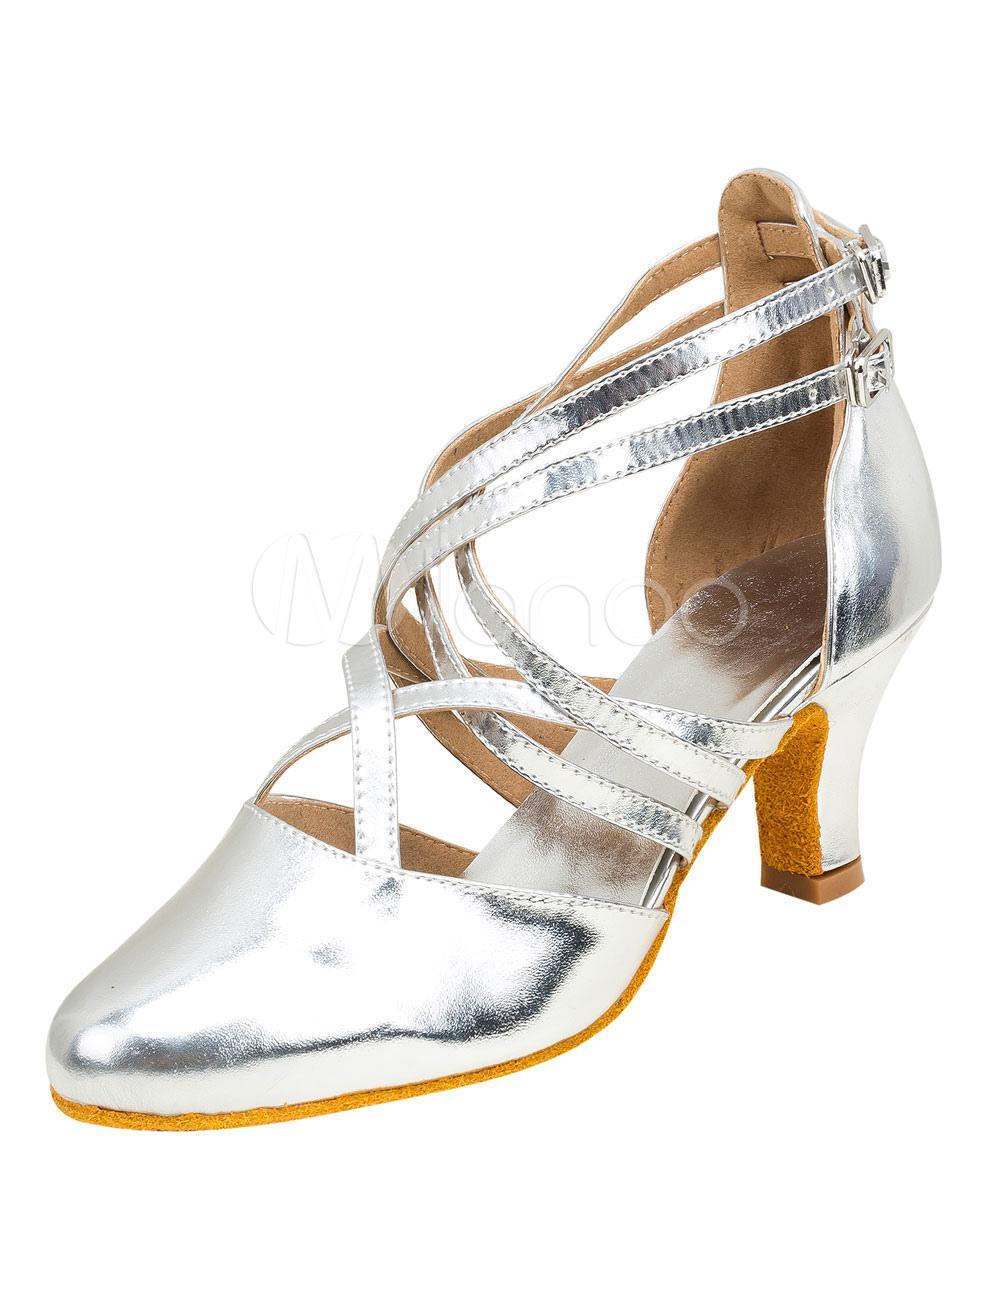 Zapatos de bailes latinos de puntera puntiaguada Tacón bobina de PU plateados para baile Venta Mejor Vendedor Pago de Visa de Liquidación Precio increíble Real Barato Online X1HMFmnGsZ